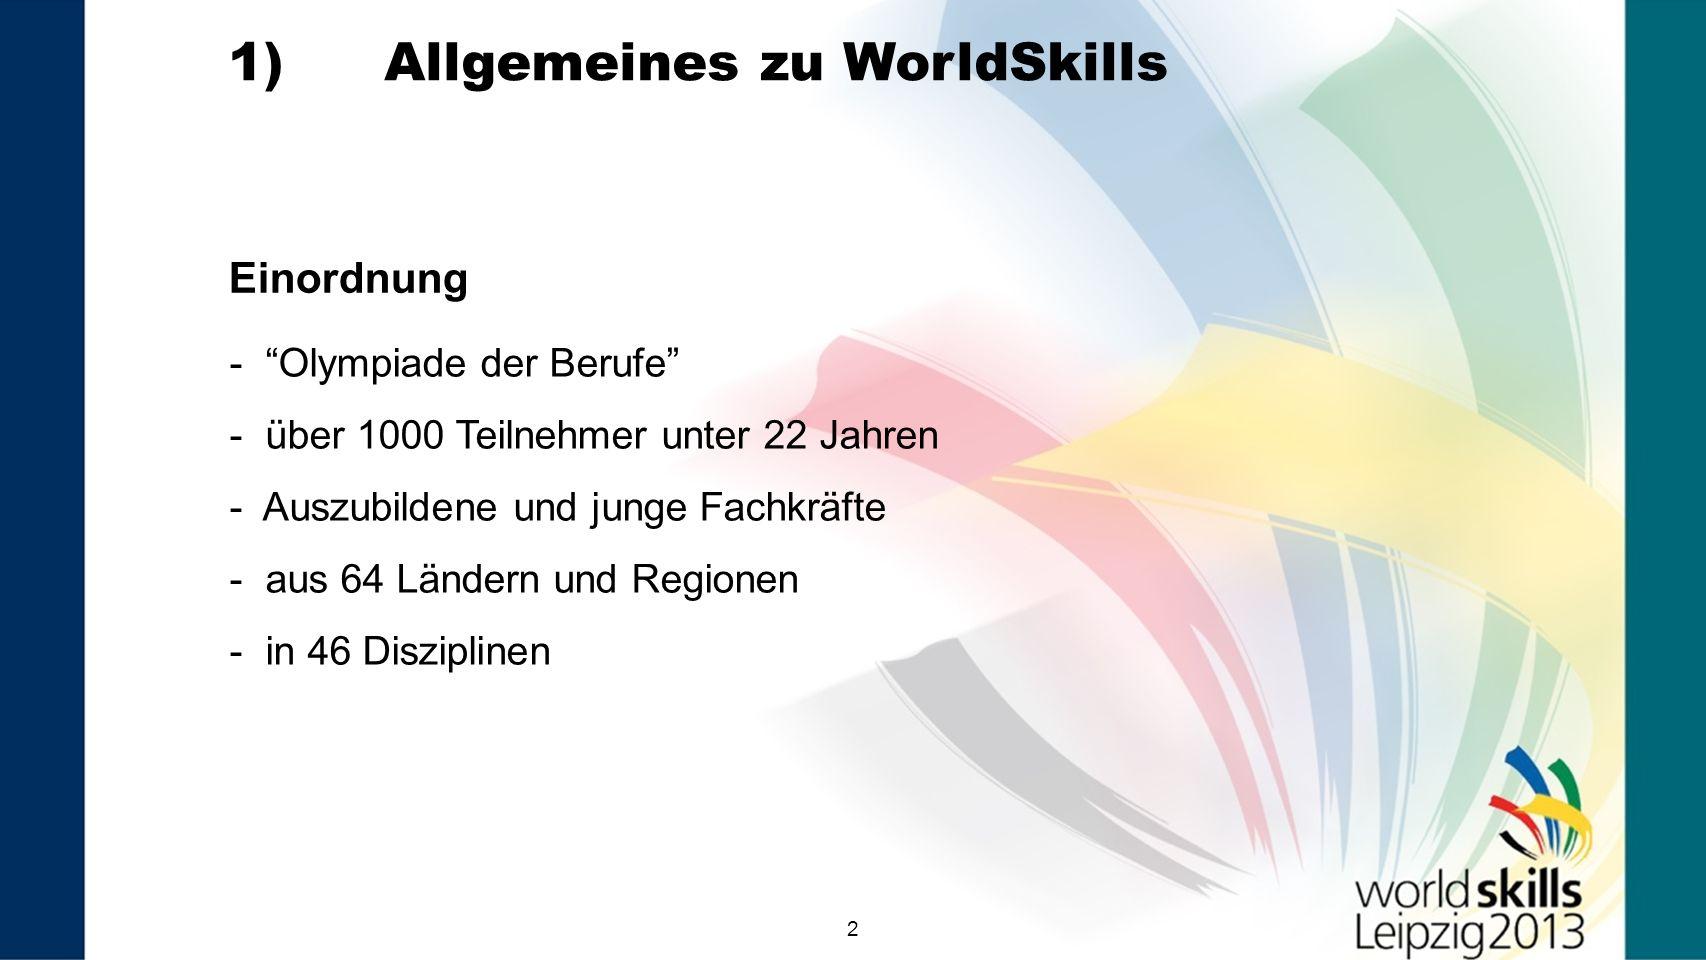 22 1) Allgemeines zu WorldSkills - Olympiade der Berufe - über 1000 Teilnehmer unter 22 Jahren - Auszubildene und junge Fachkräfte - aus 64 Ländern und Regionen - in 46 Disziplinen Einordnung